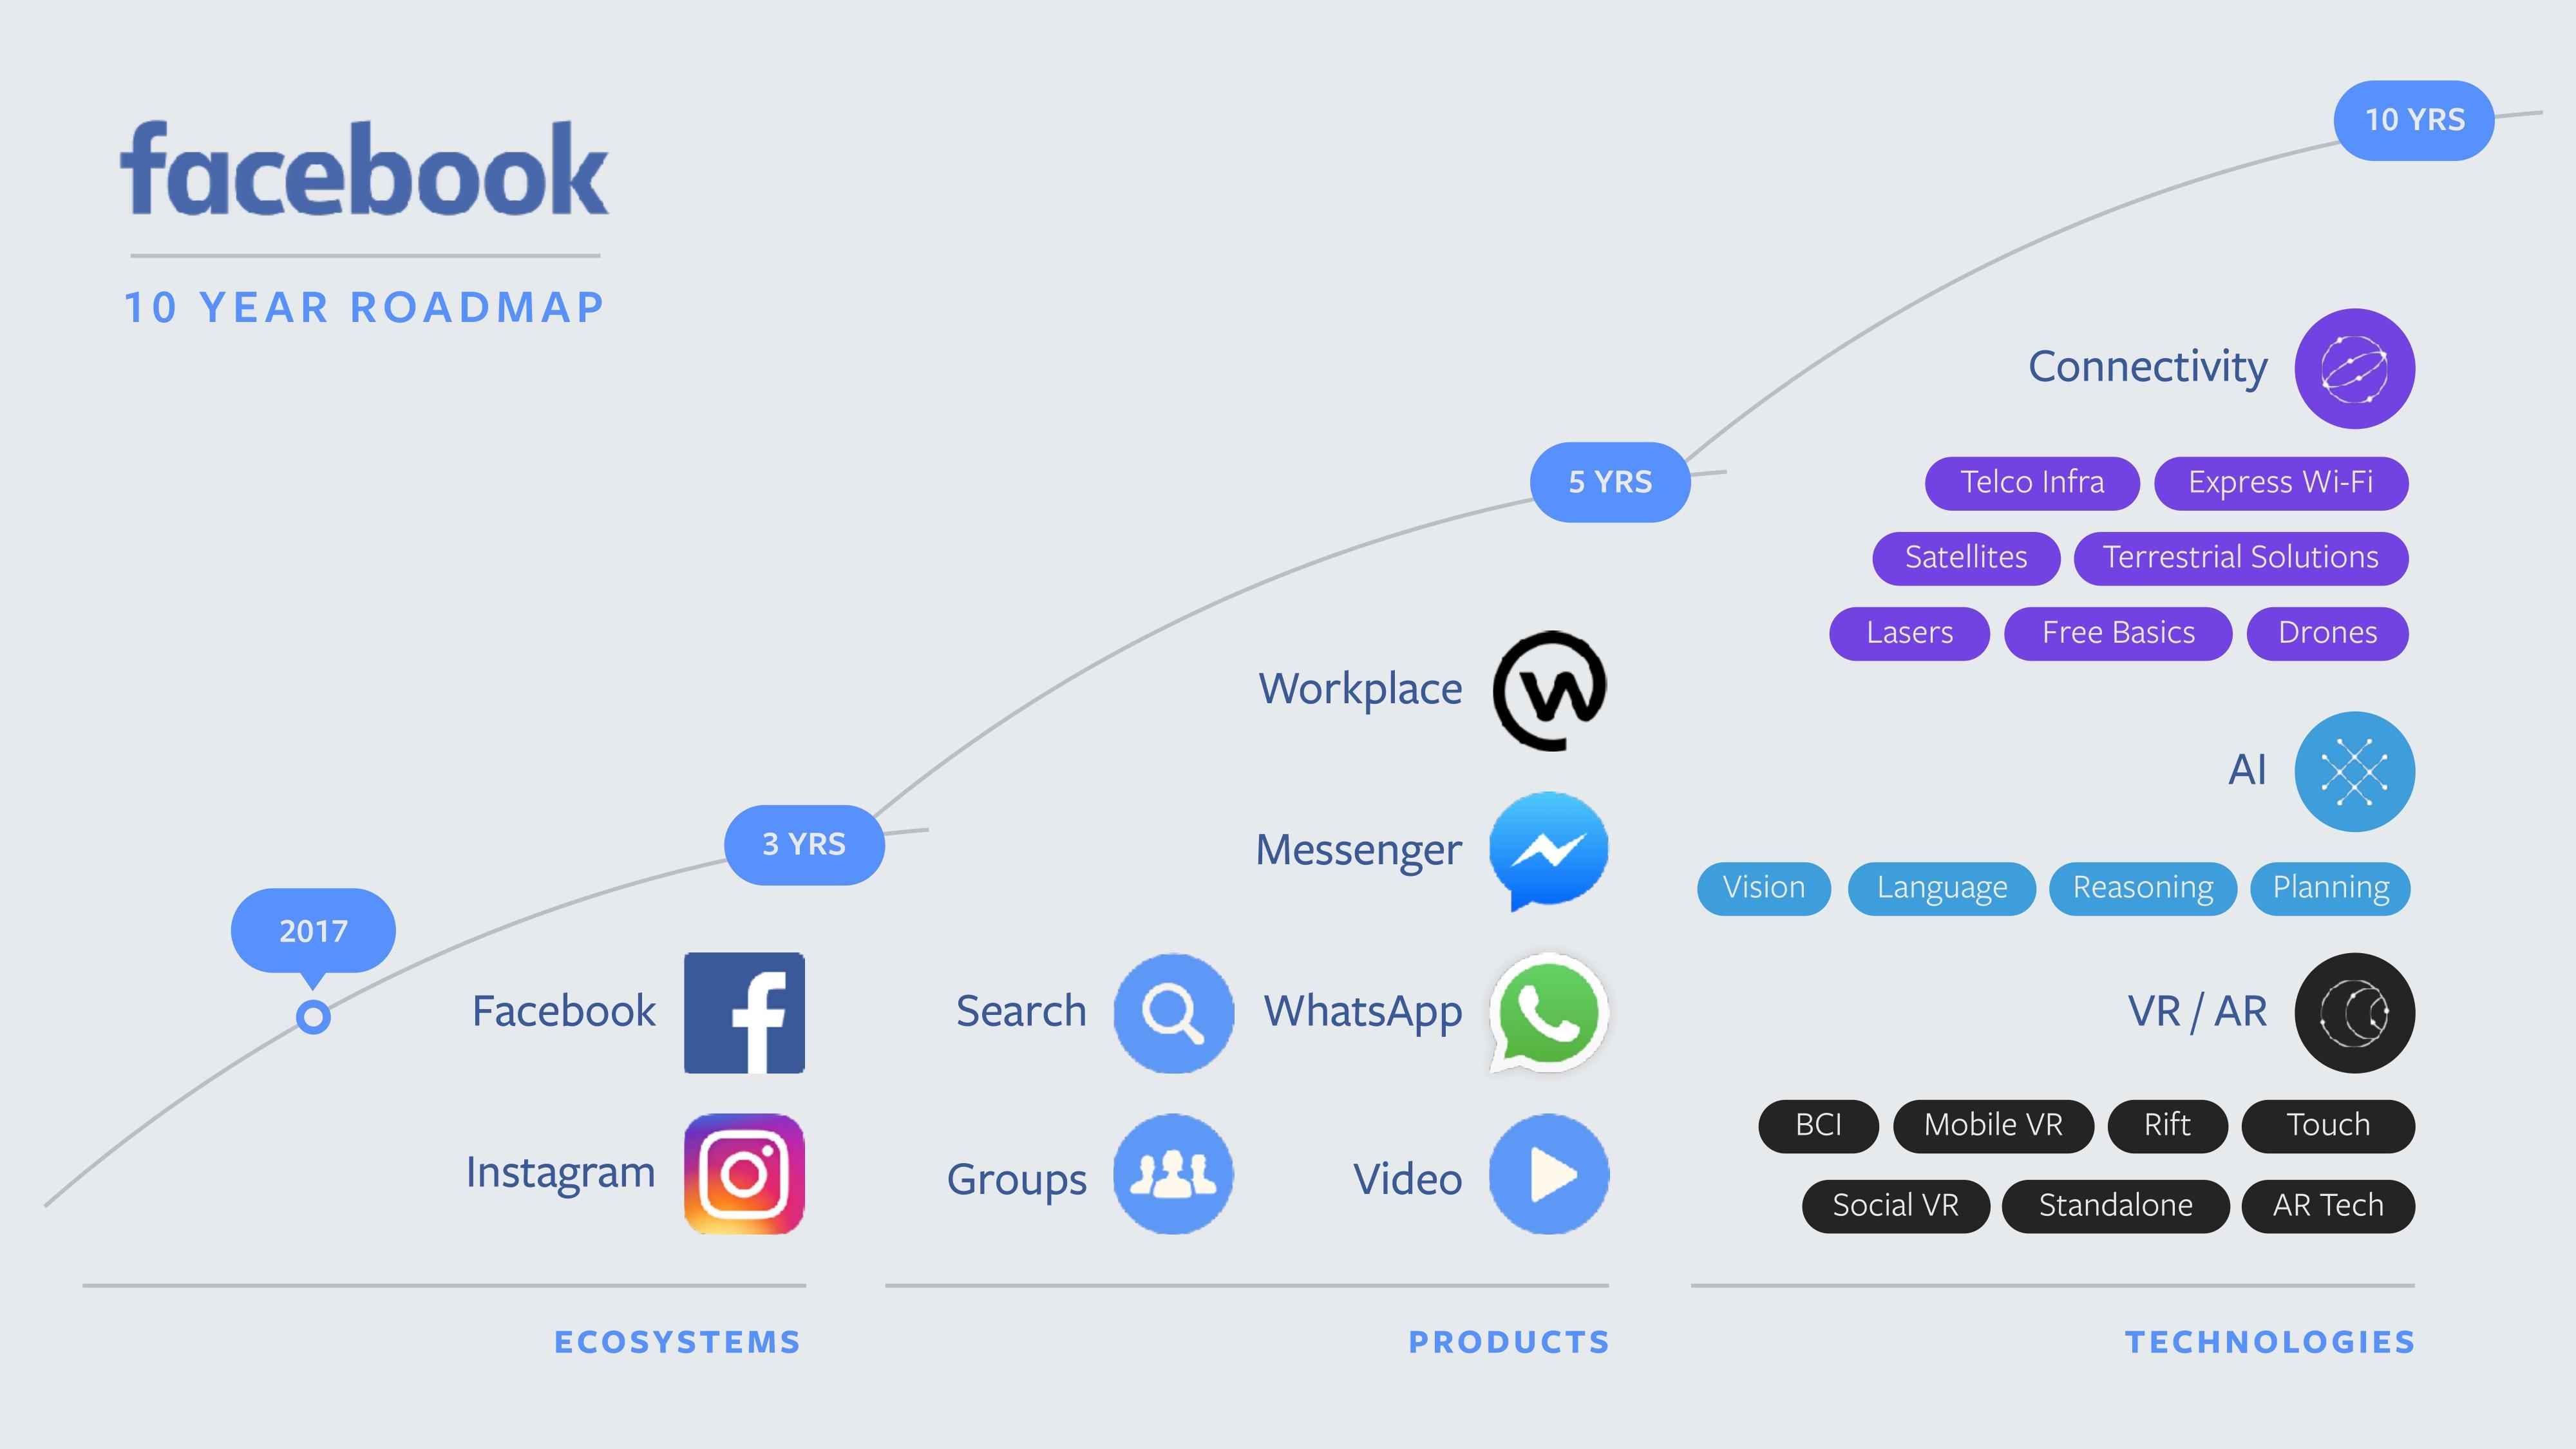 facebookの 10年ロードマップ から考えるスマホ時代の 次 とは